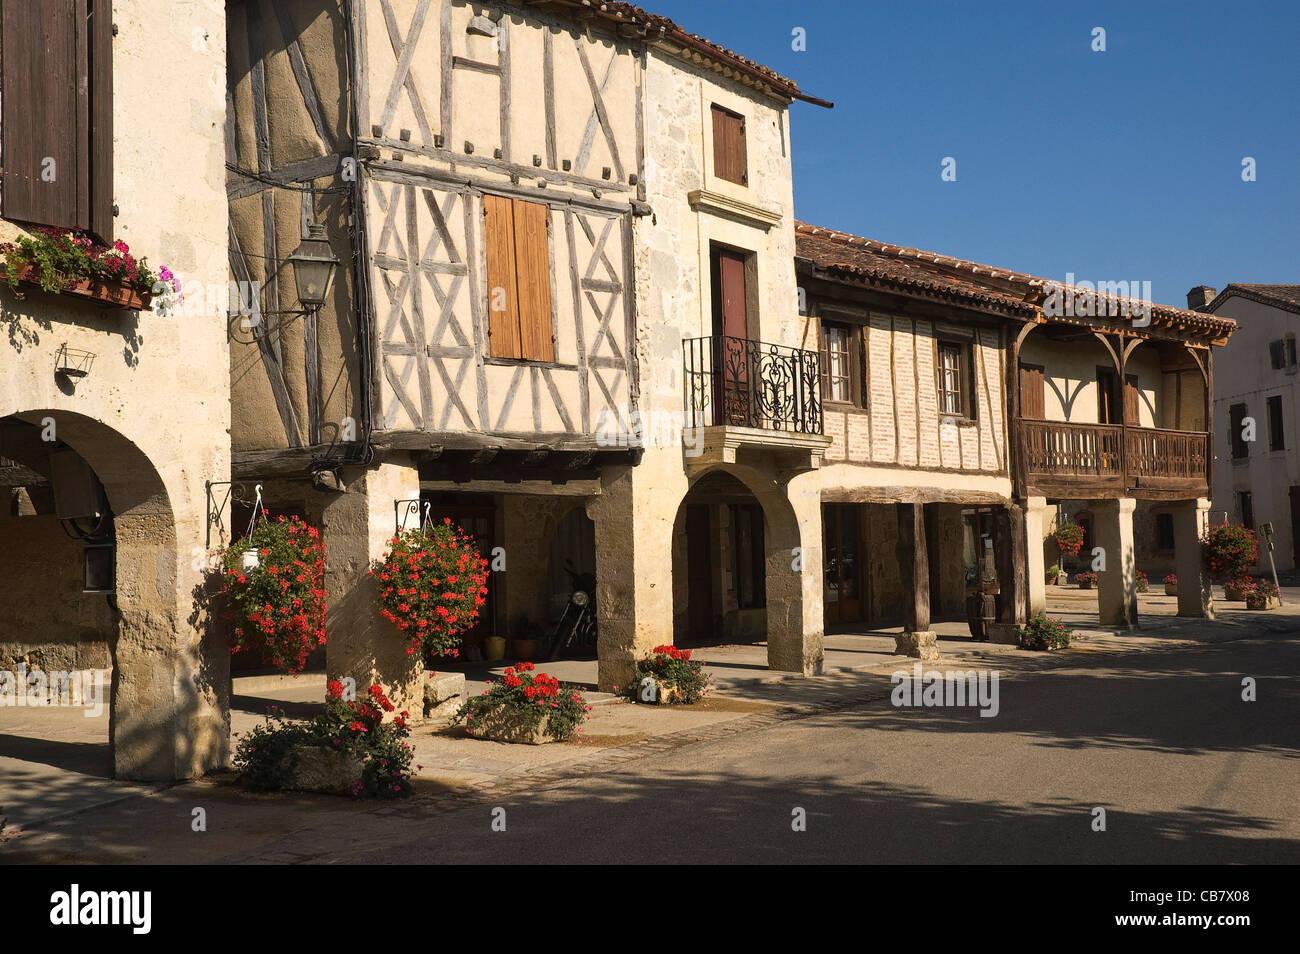 Elk196-1736 Francia Aquitania, Fources, città scena con architettura tradizionale Immagini Stock